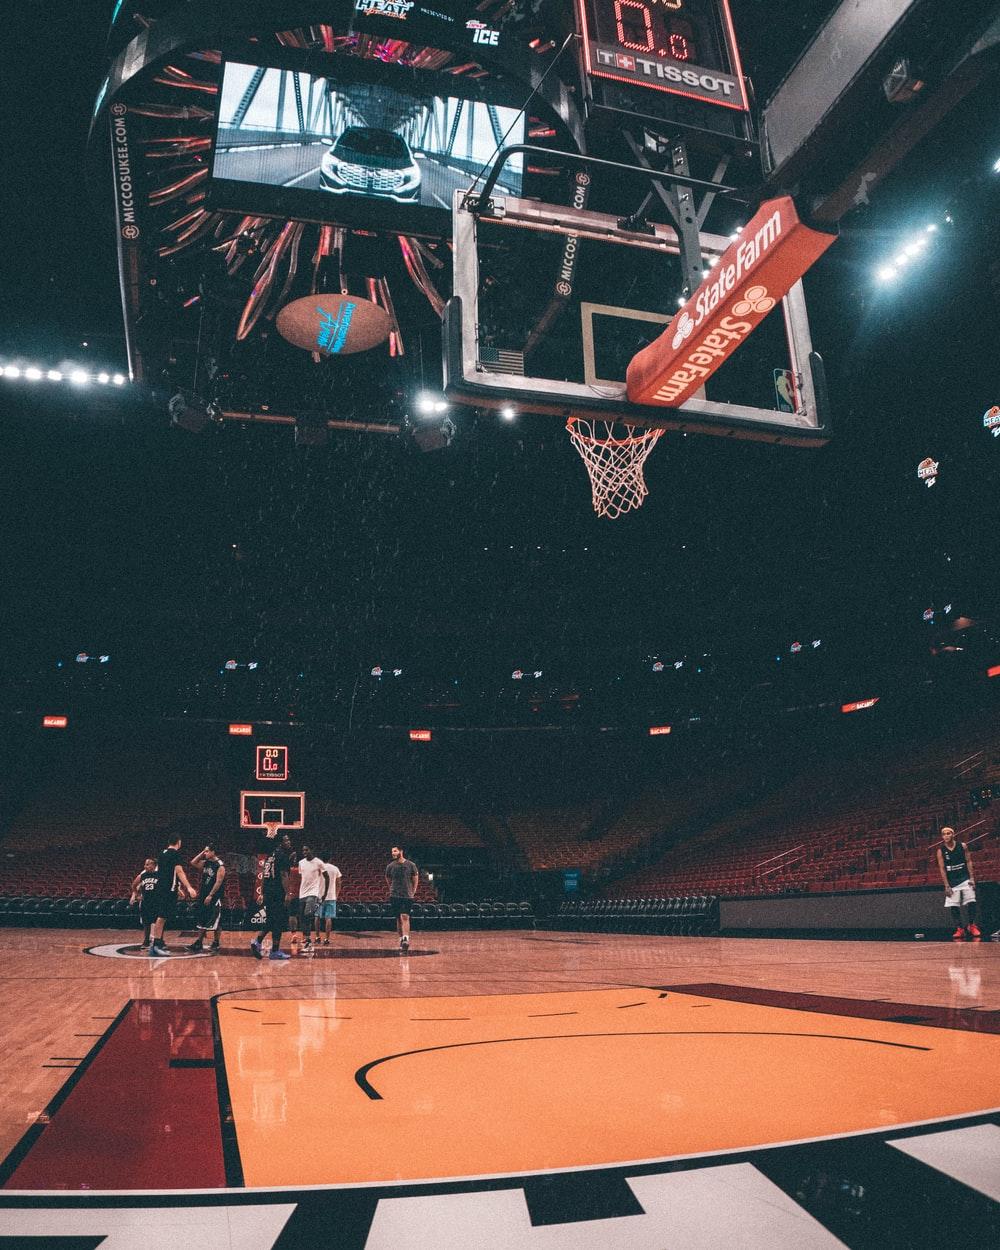 Hình nền bóng rổ cho điện thoại